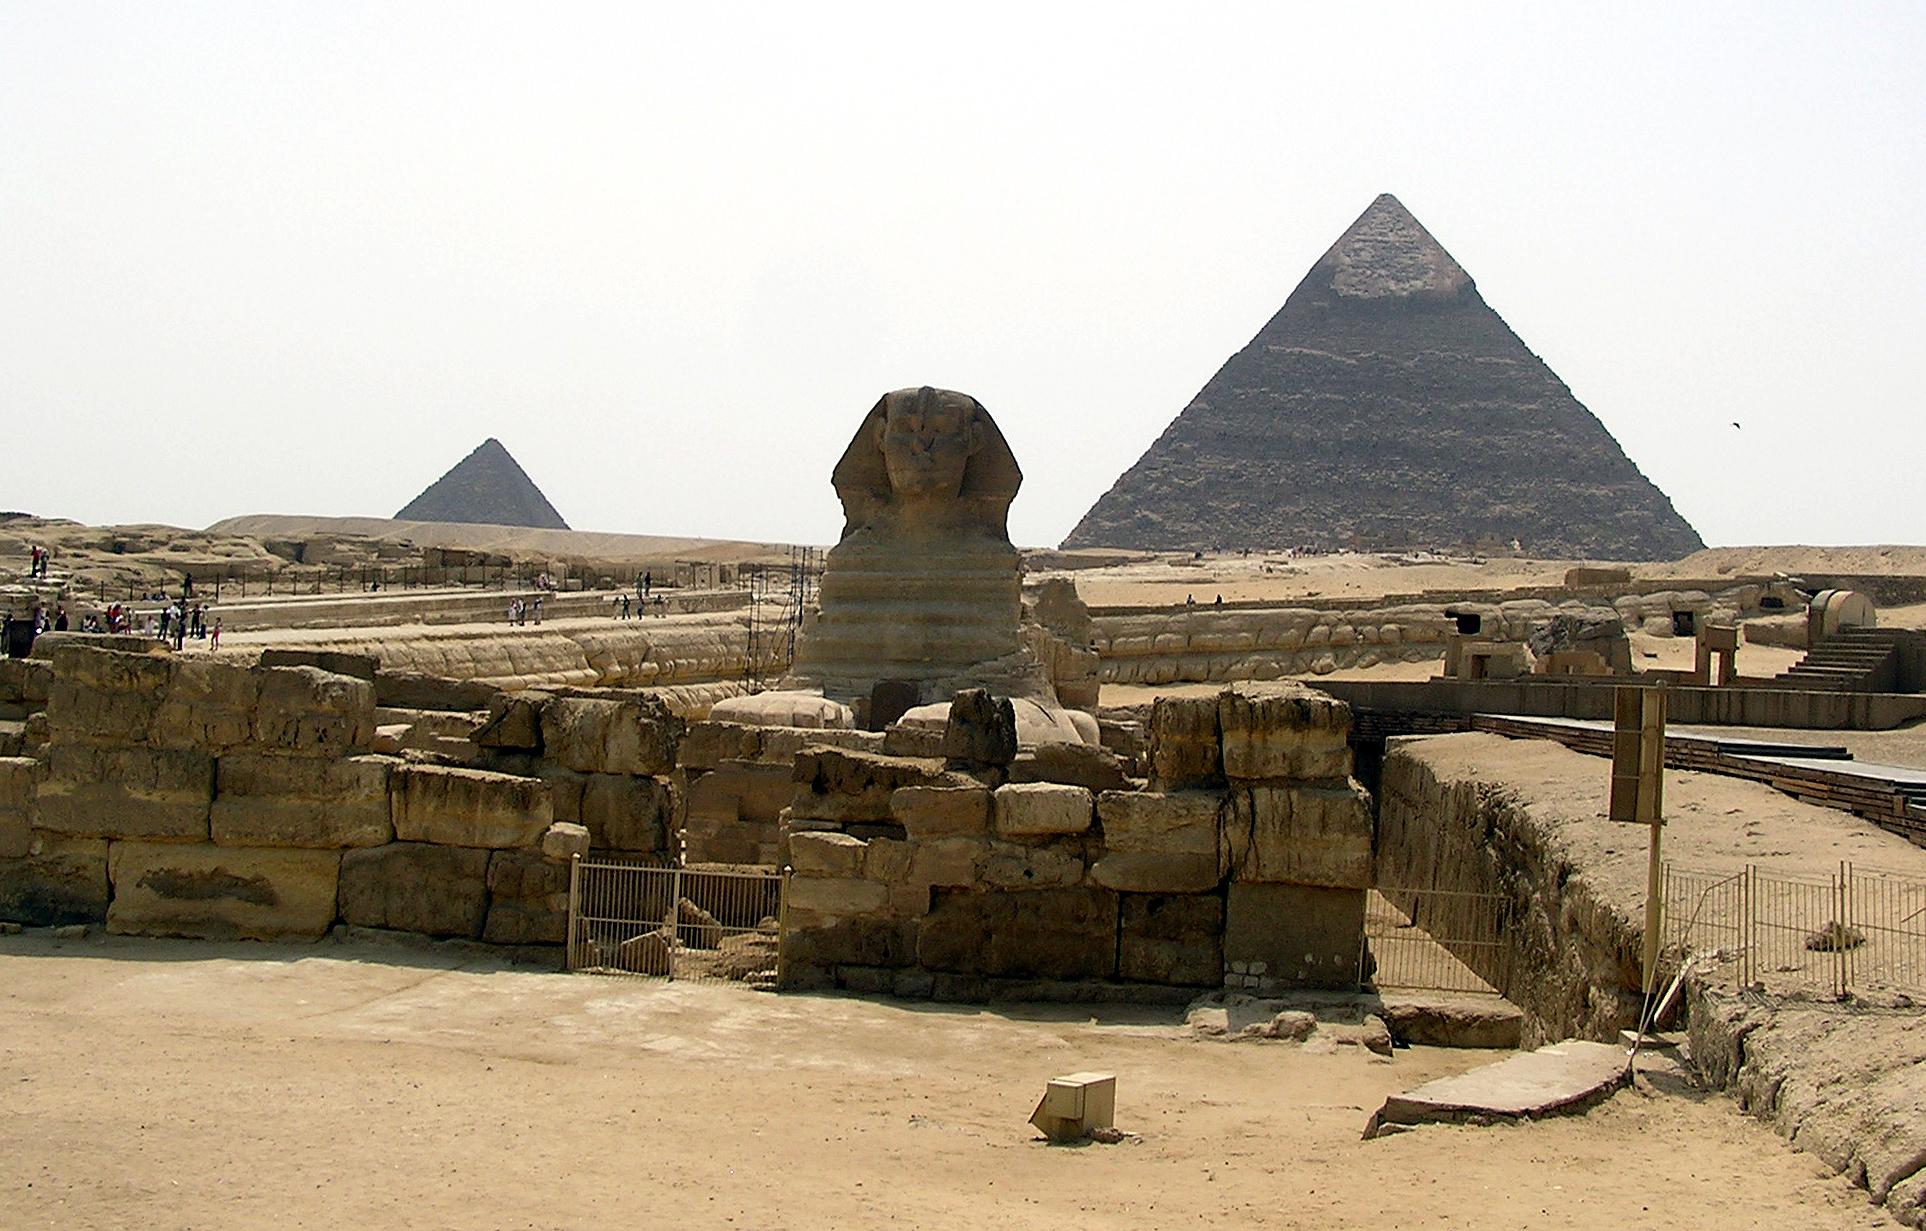 Eine der bekanntesten Sehenswürdigkeiten in Ägypten: Die Pyramiden mit der Sphinx (Foto: Mabdalla - Wikimedia Commons/Public Domain)